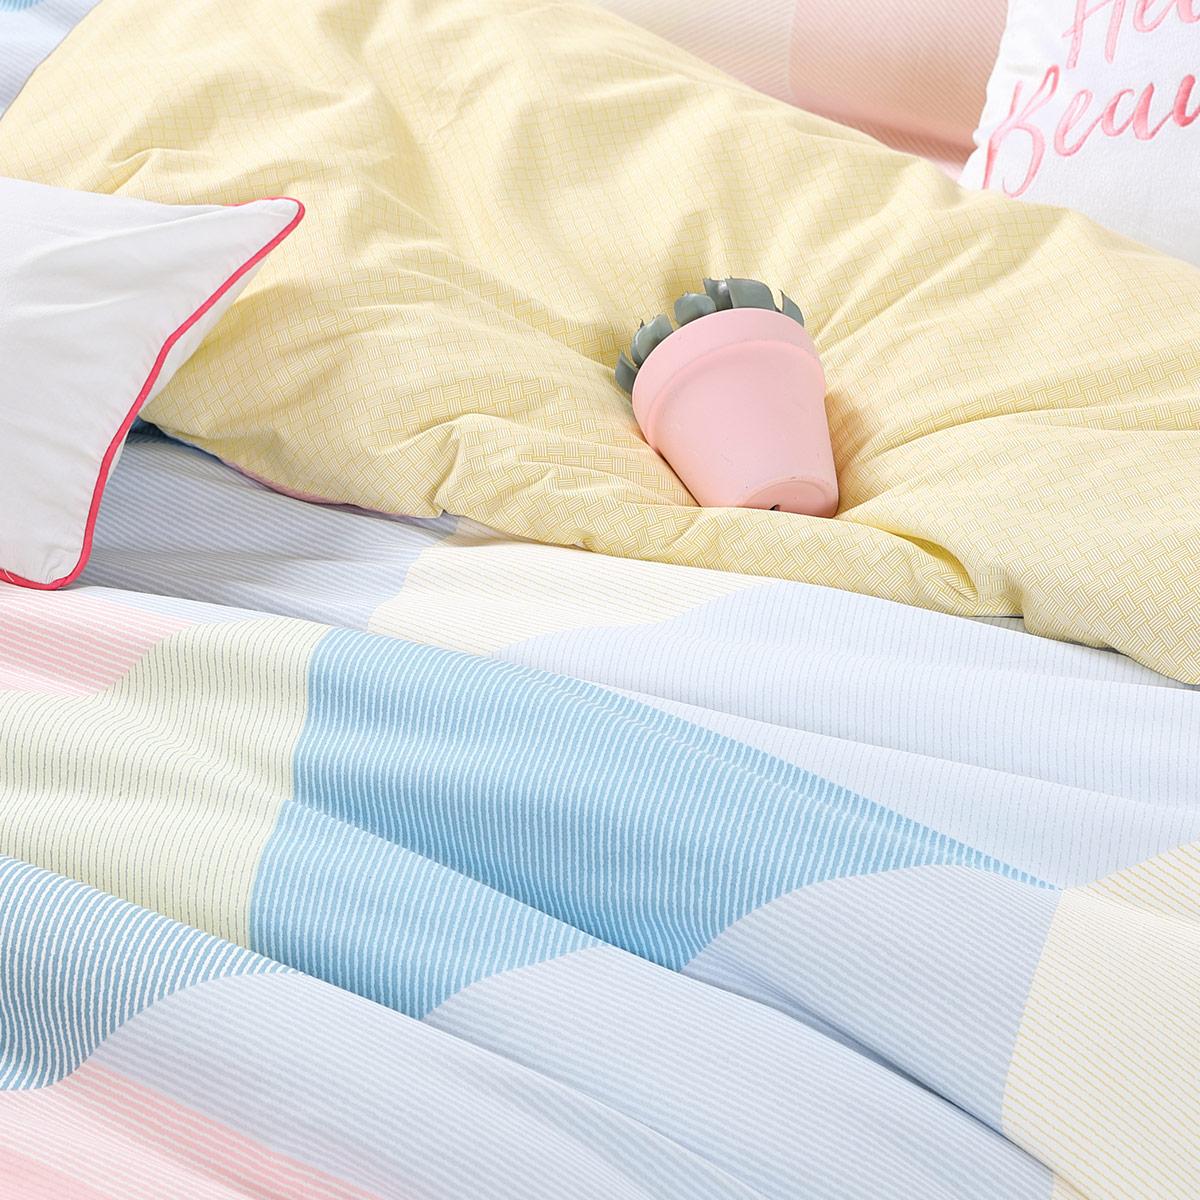 新品 2019 水星家纺四件套全棉纯棉简约北欧风被套多伦颂床上用品冬